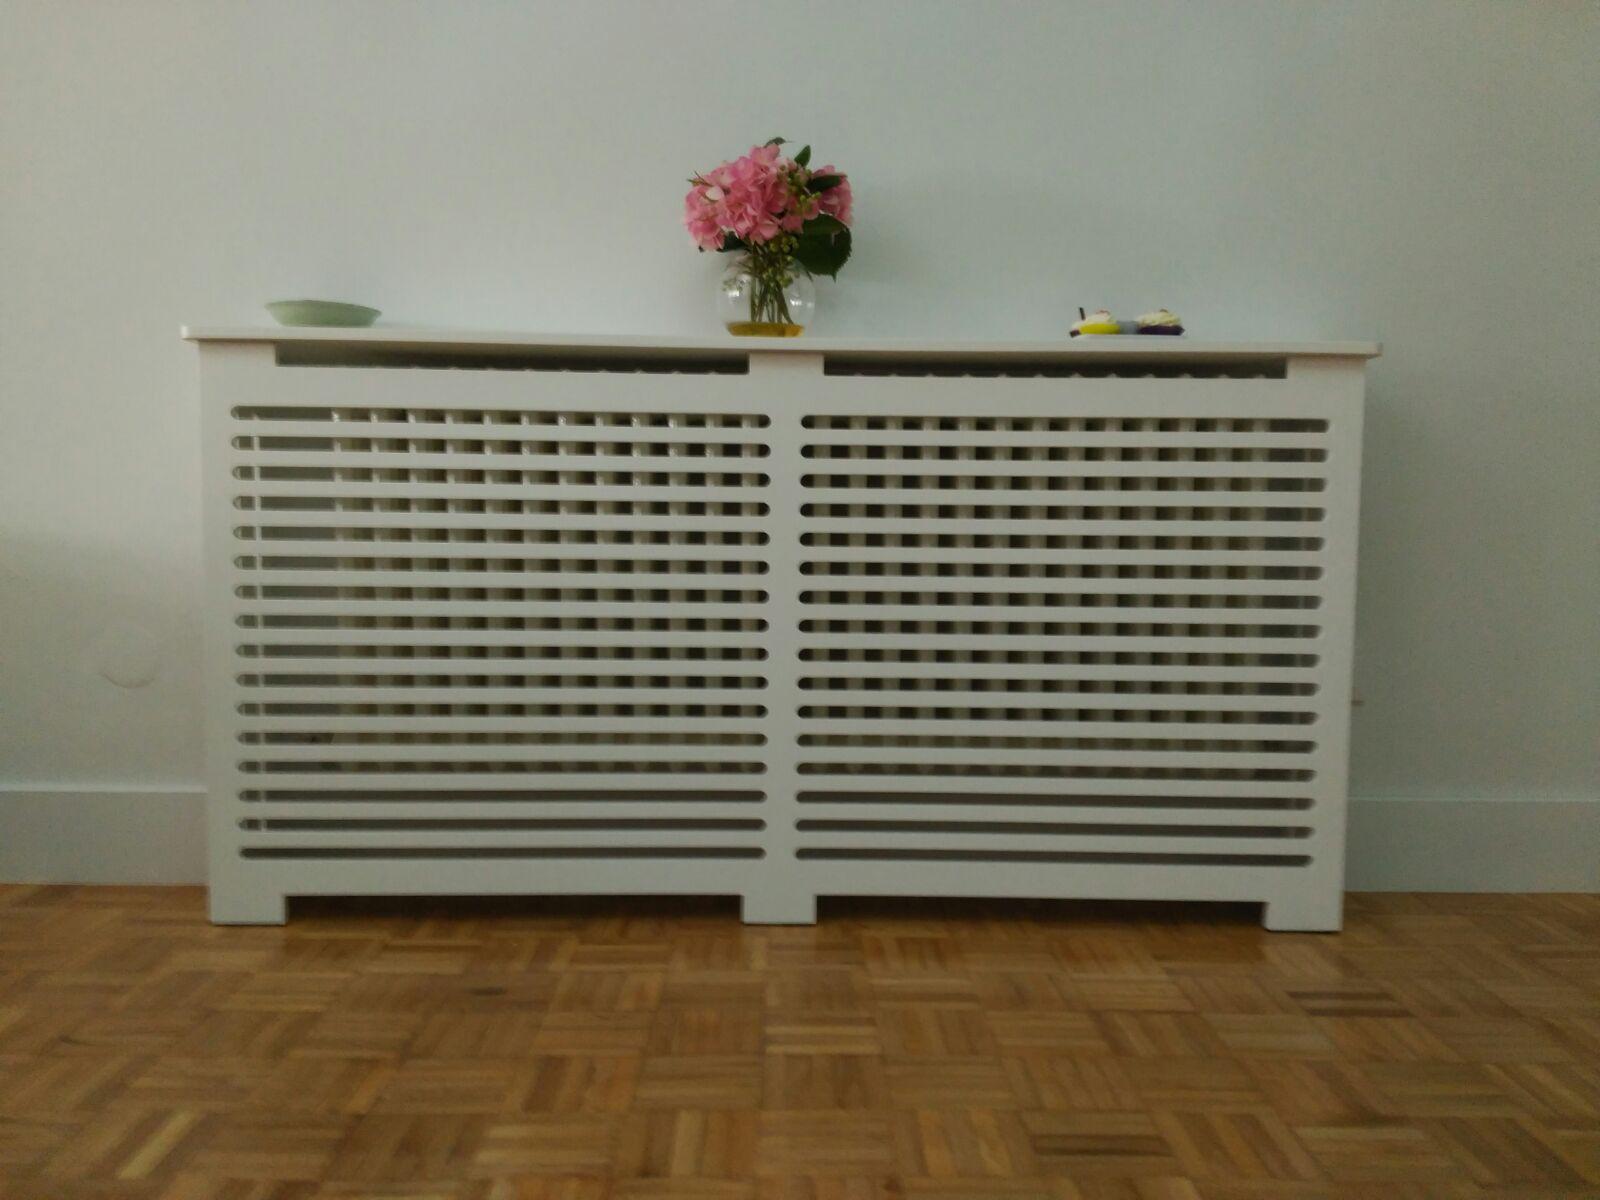 Cubreradiadores Muebles A Medida Luis Pati O # Muebles Cubreradiadores